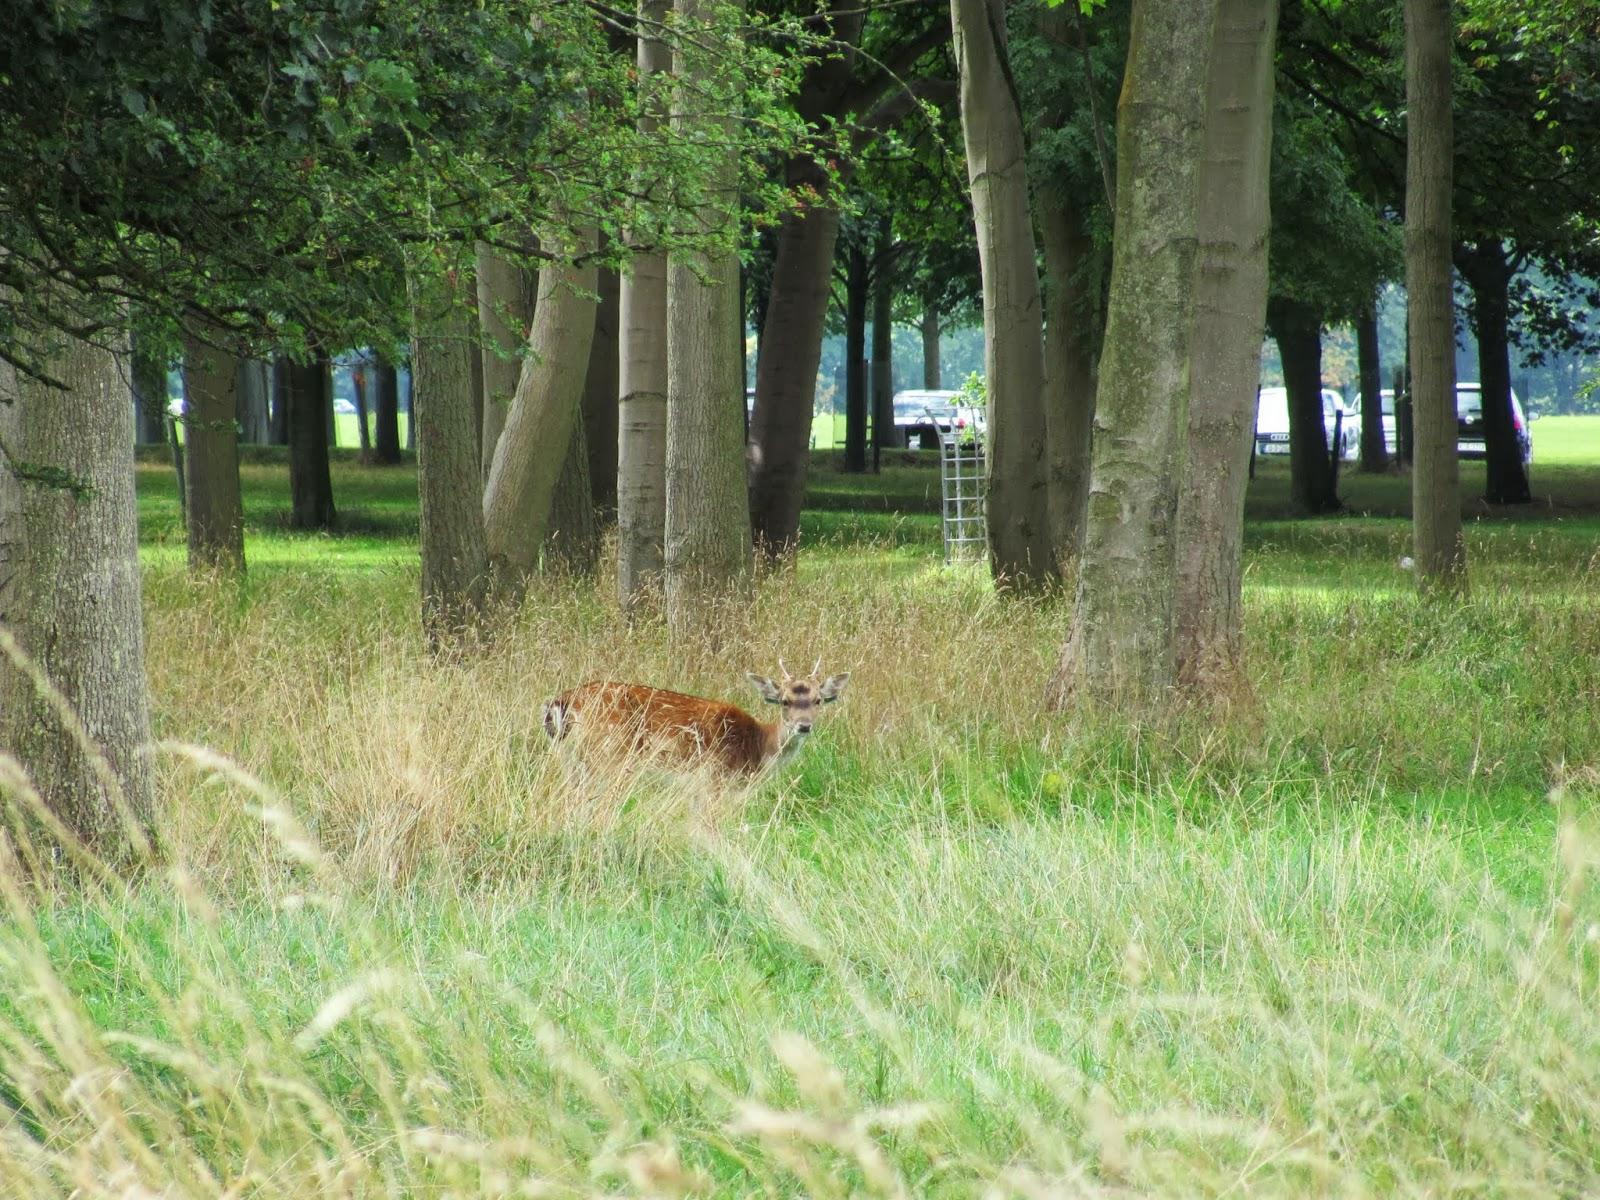 A deer hides in the tall grass at Phoenix Park, Dublin, Ireland